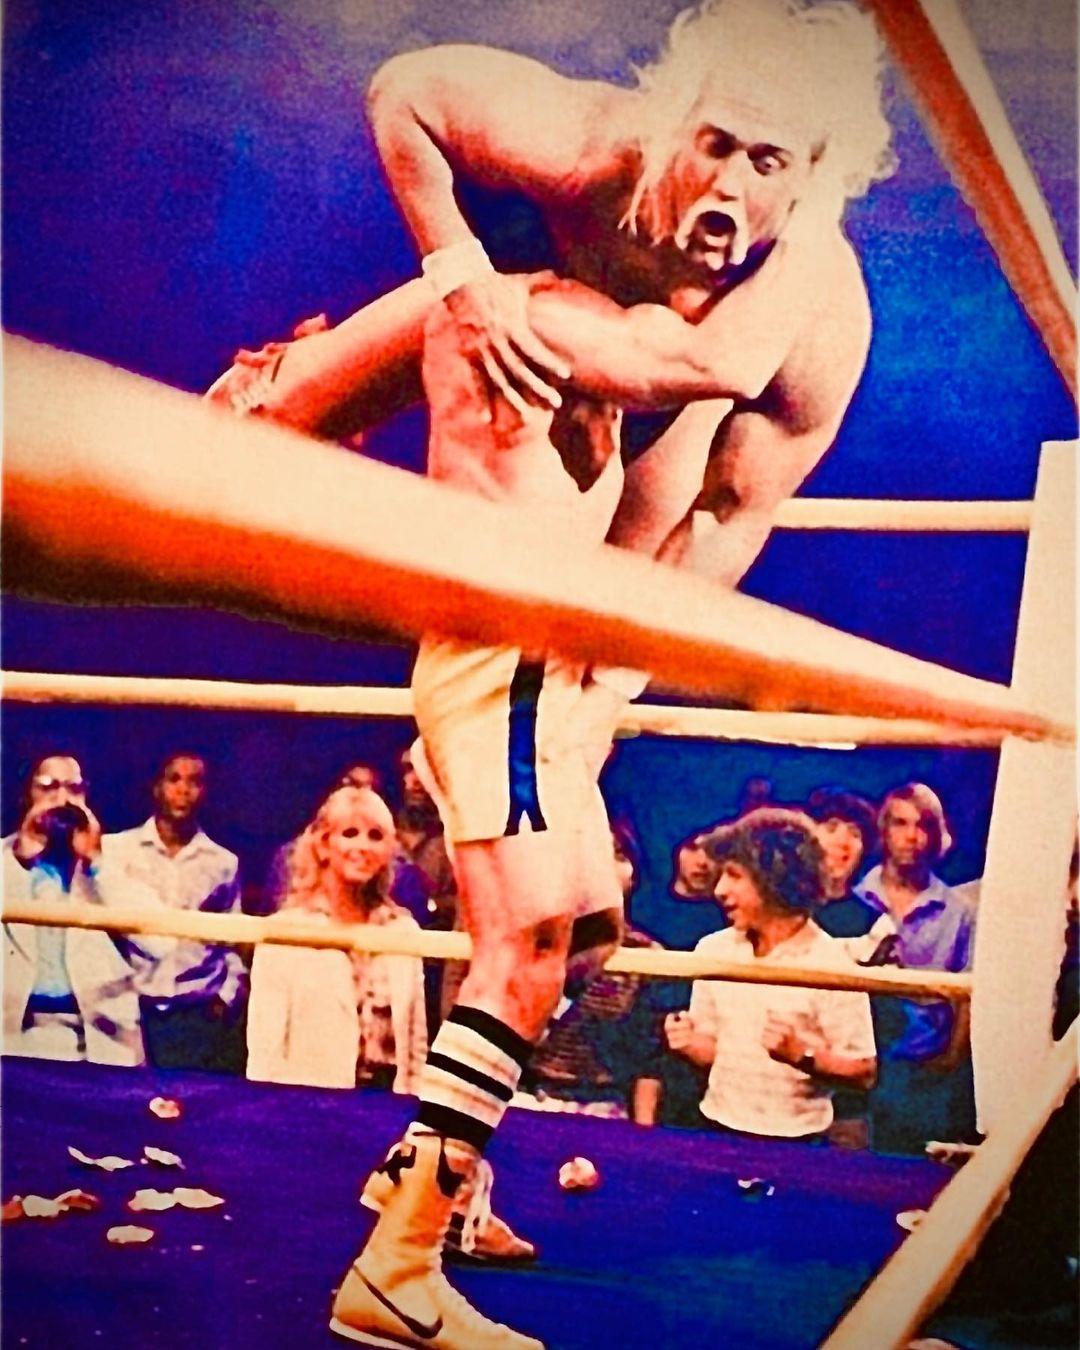 Sylvester Stallone como Rocky Balboa y Hulk Hogan como Thunderlips en el set de Rocky III (1982). Imagen: Sylvester Stallone Instagram (@officialslystallone).